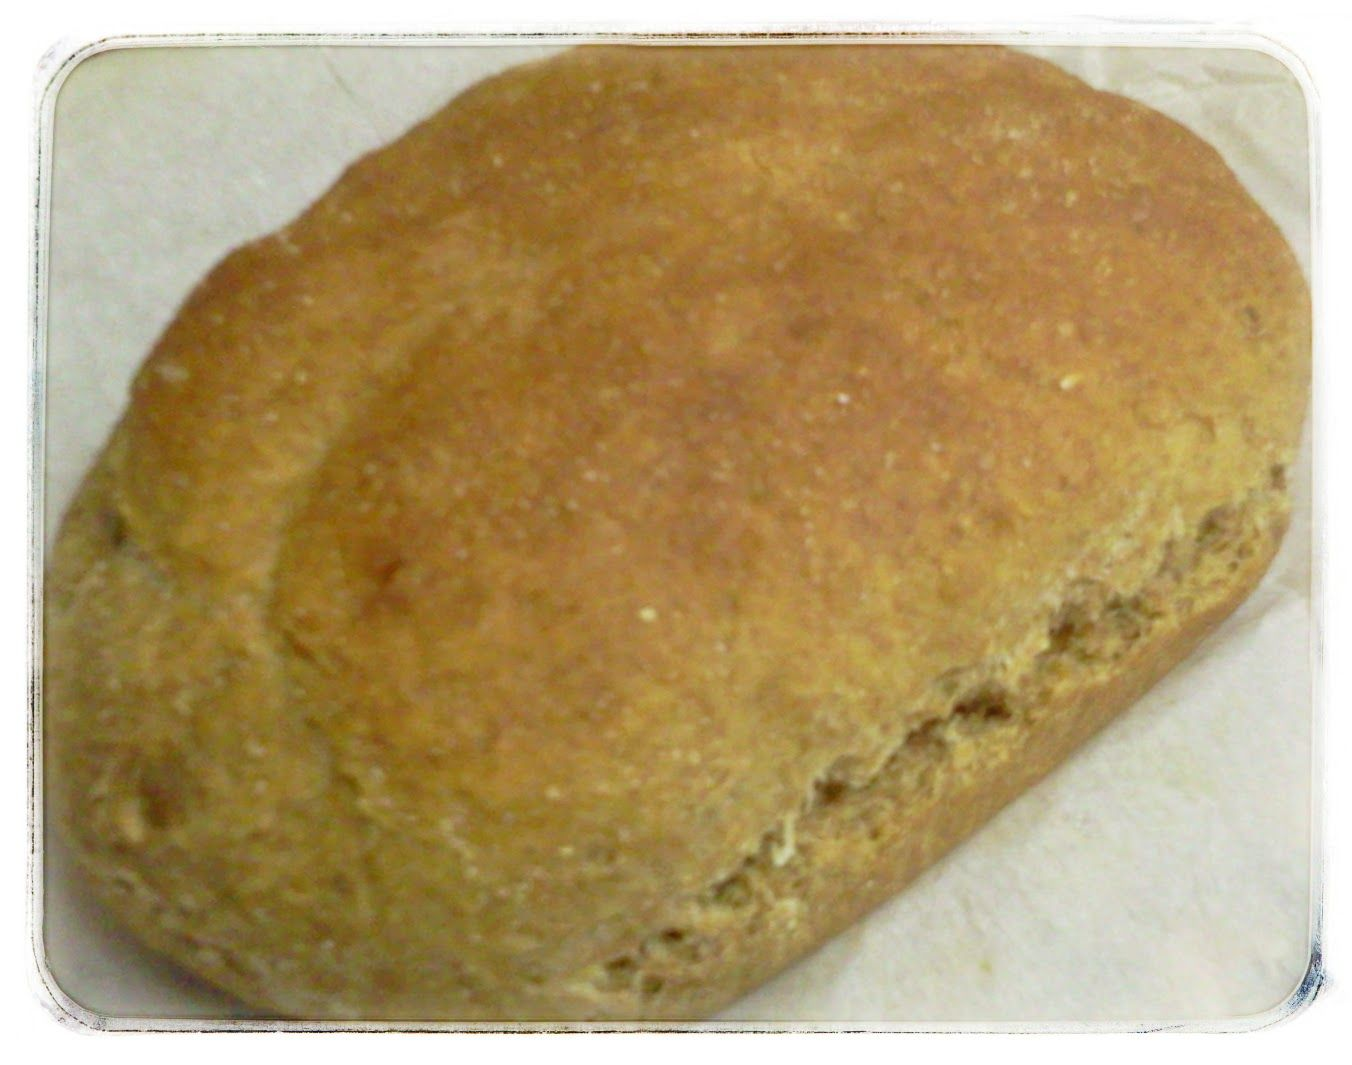 El método Montignac: Pan integral de calabaza y harina de espelta - GP